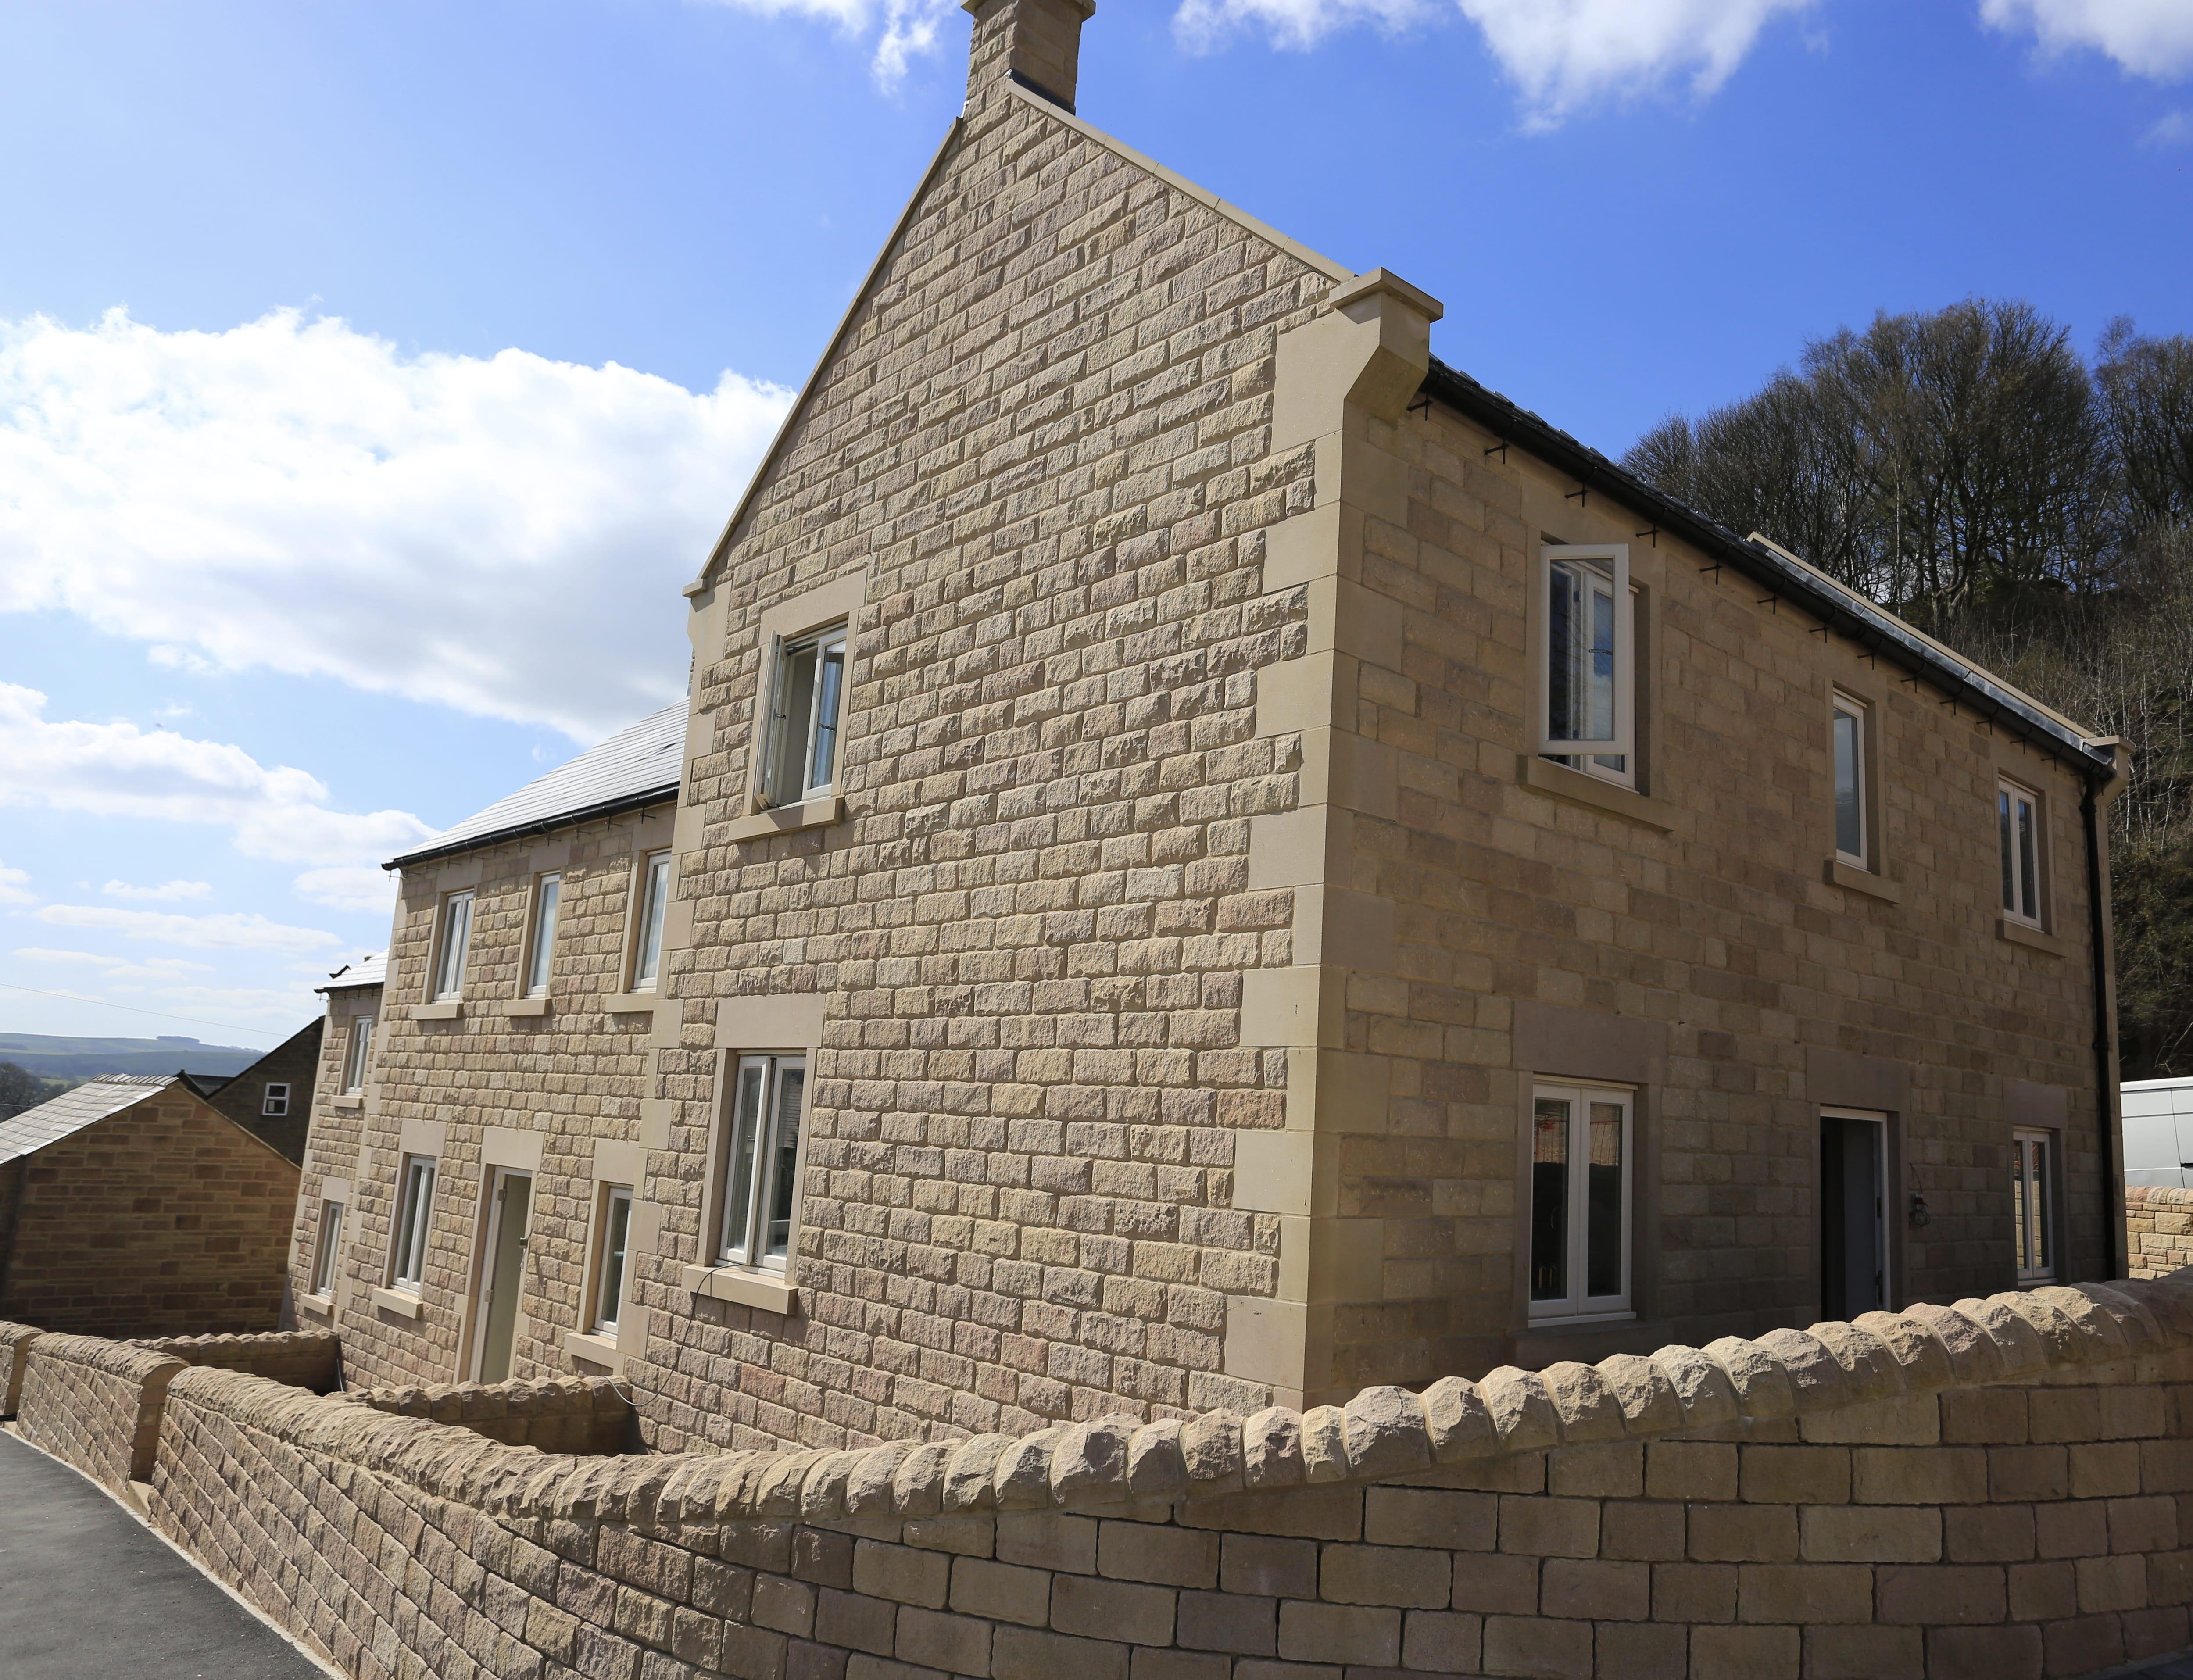 Derbyshire Gritstone Thumbnail Image